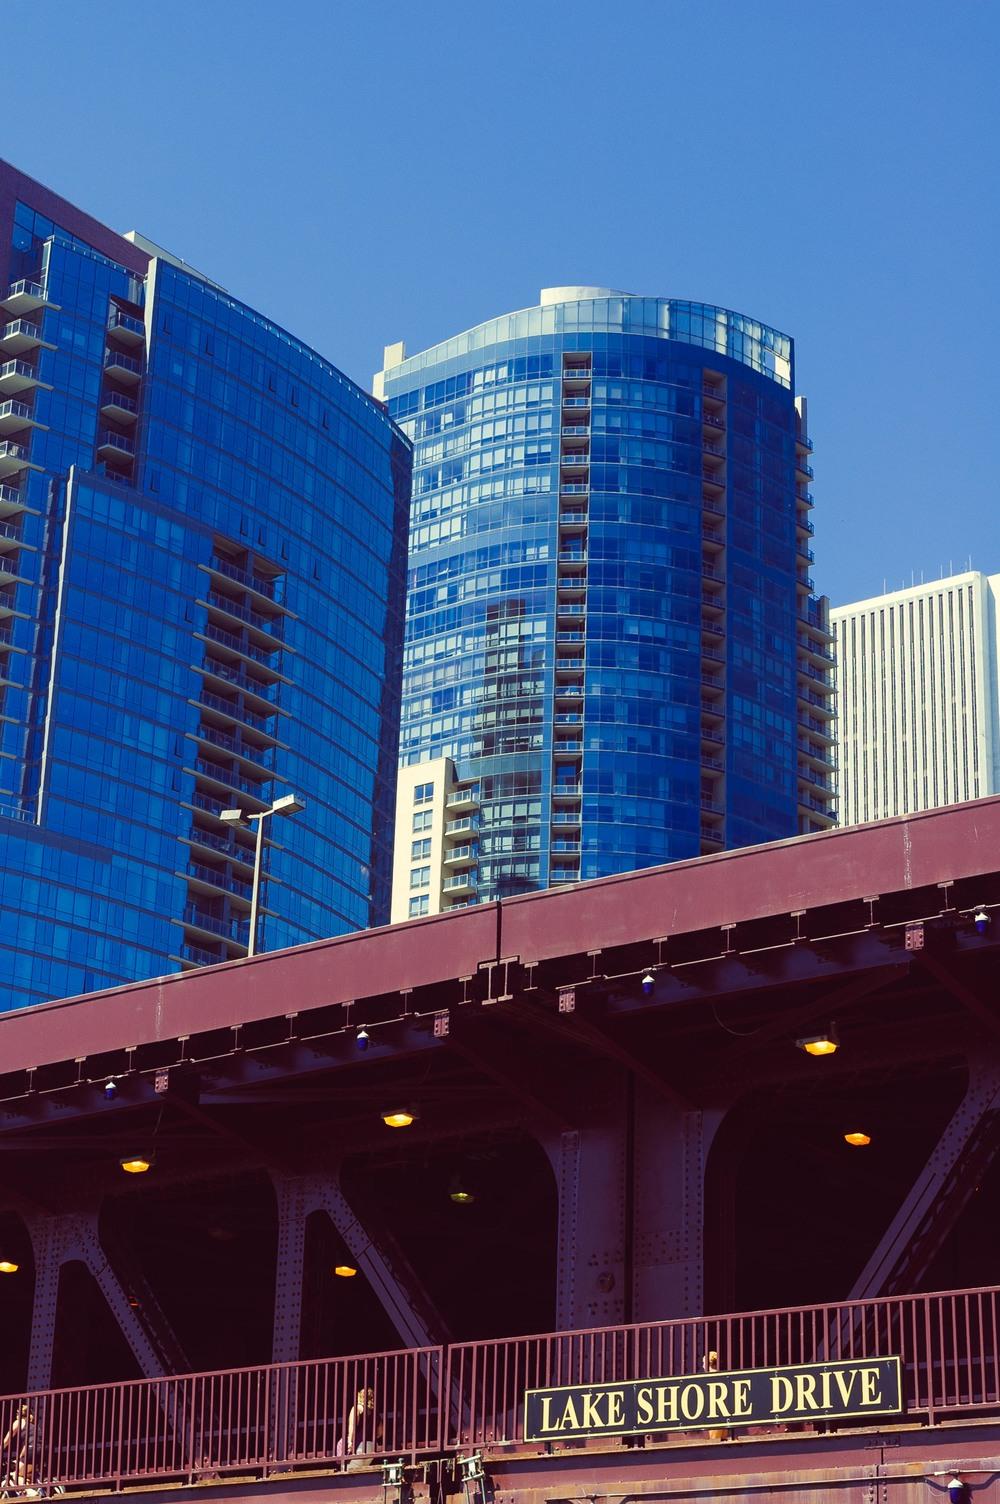 2008_0713_D70_ChicagoBoatTour_DSC_0144.jpg